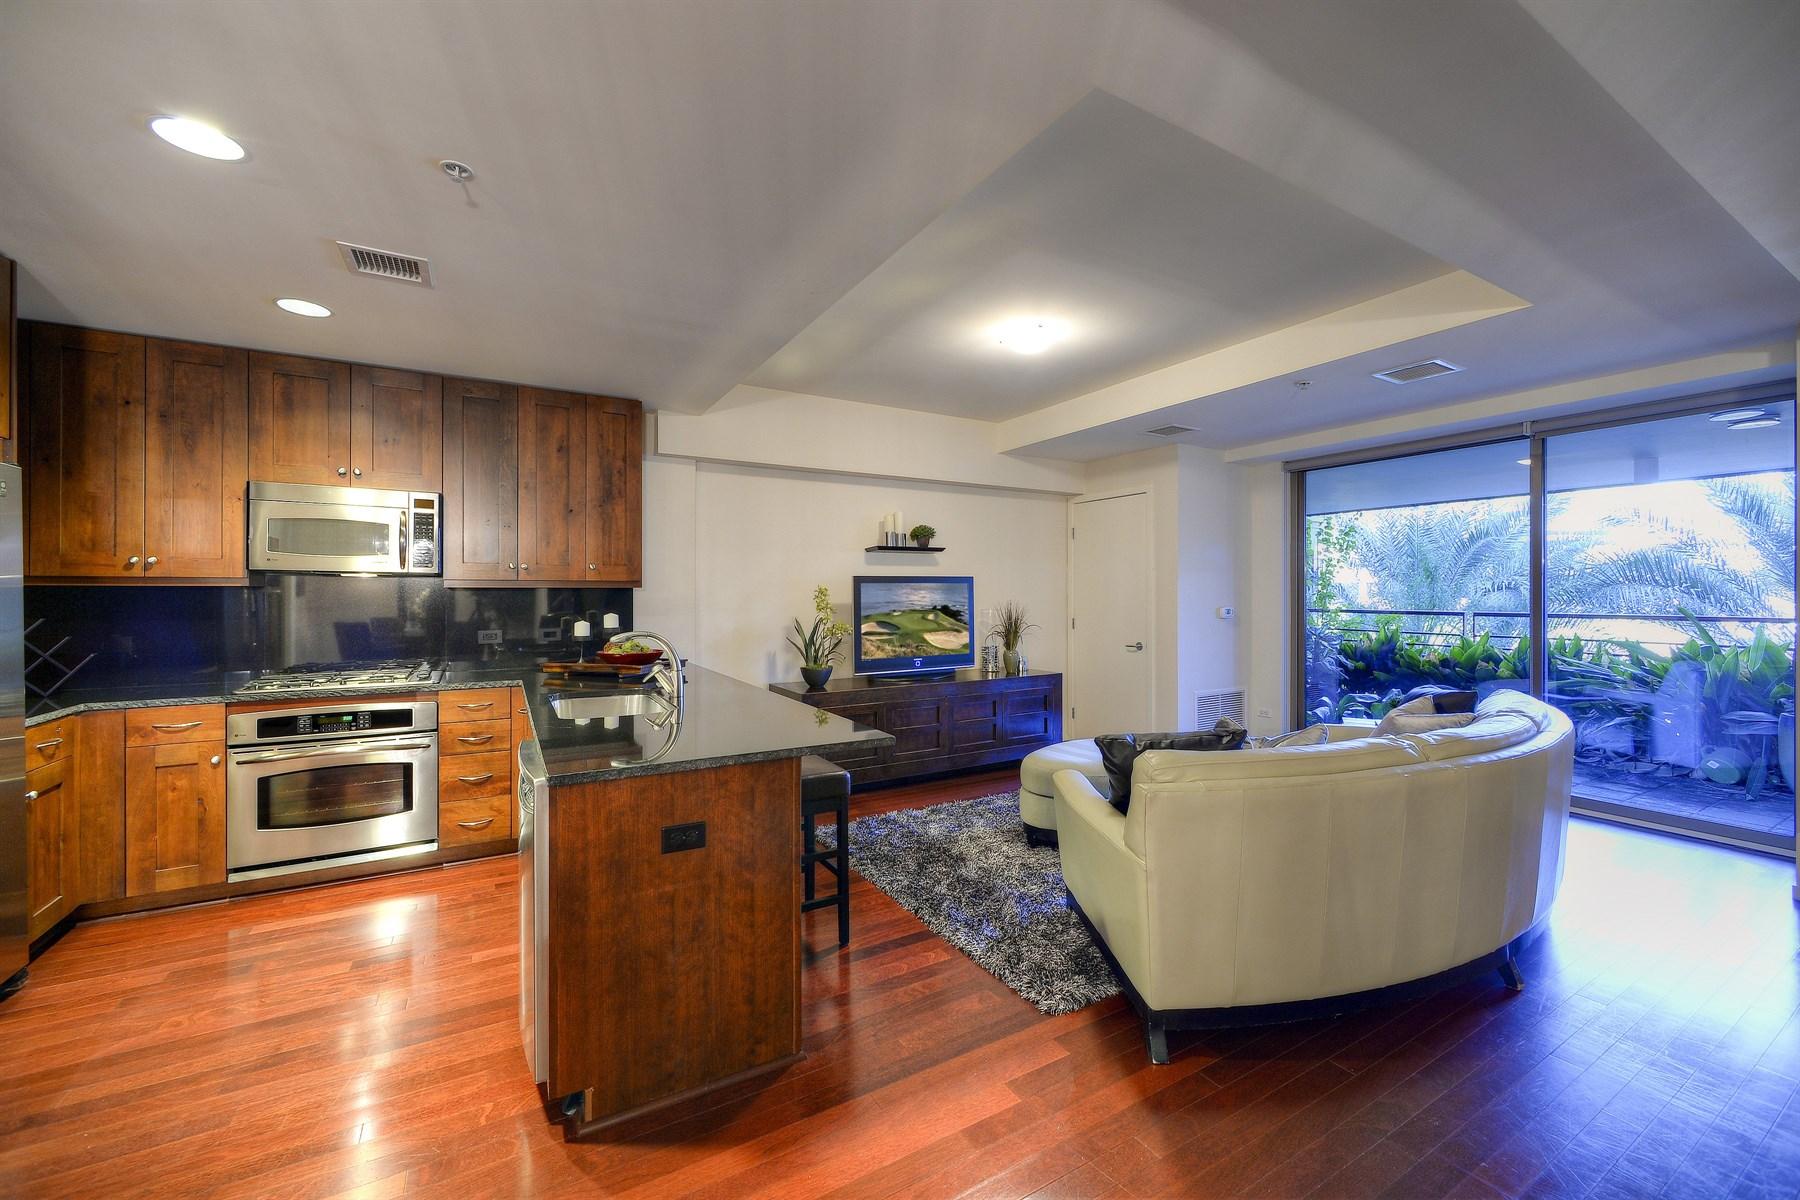 Einfamilienhaus für Verkauf beim Spacious Two Bedroom and Two Bathroom 7141 E Rancho Vista Dr #3003 Scottsdale, Arizona, 85251 Vereinigte Staaten